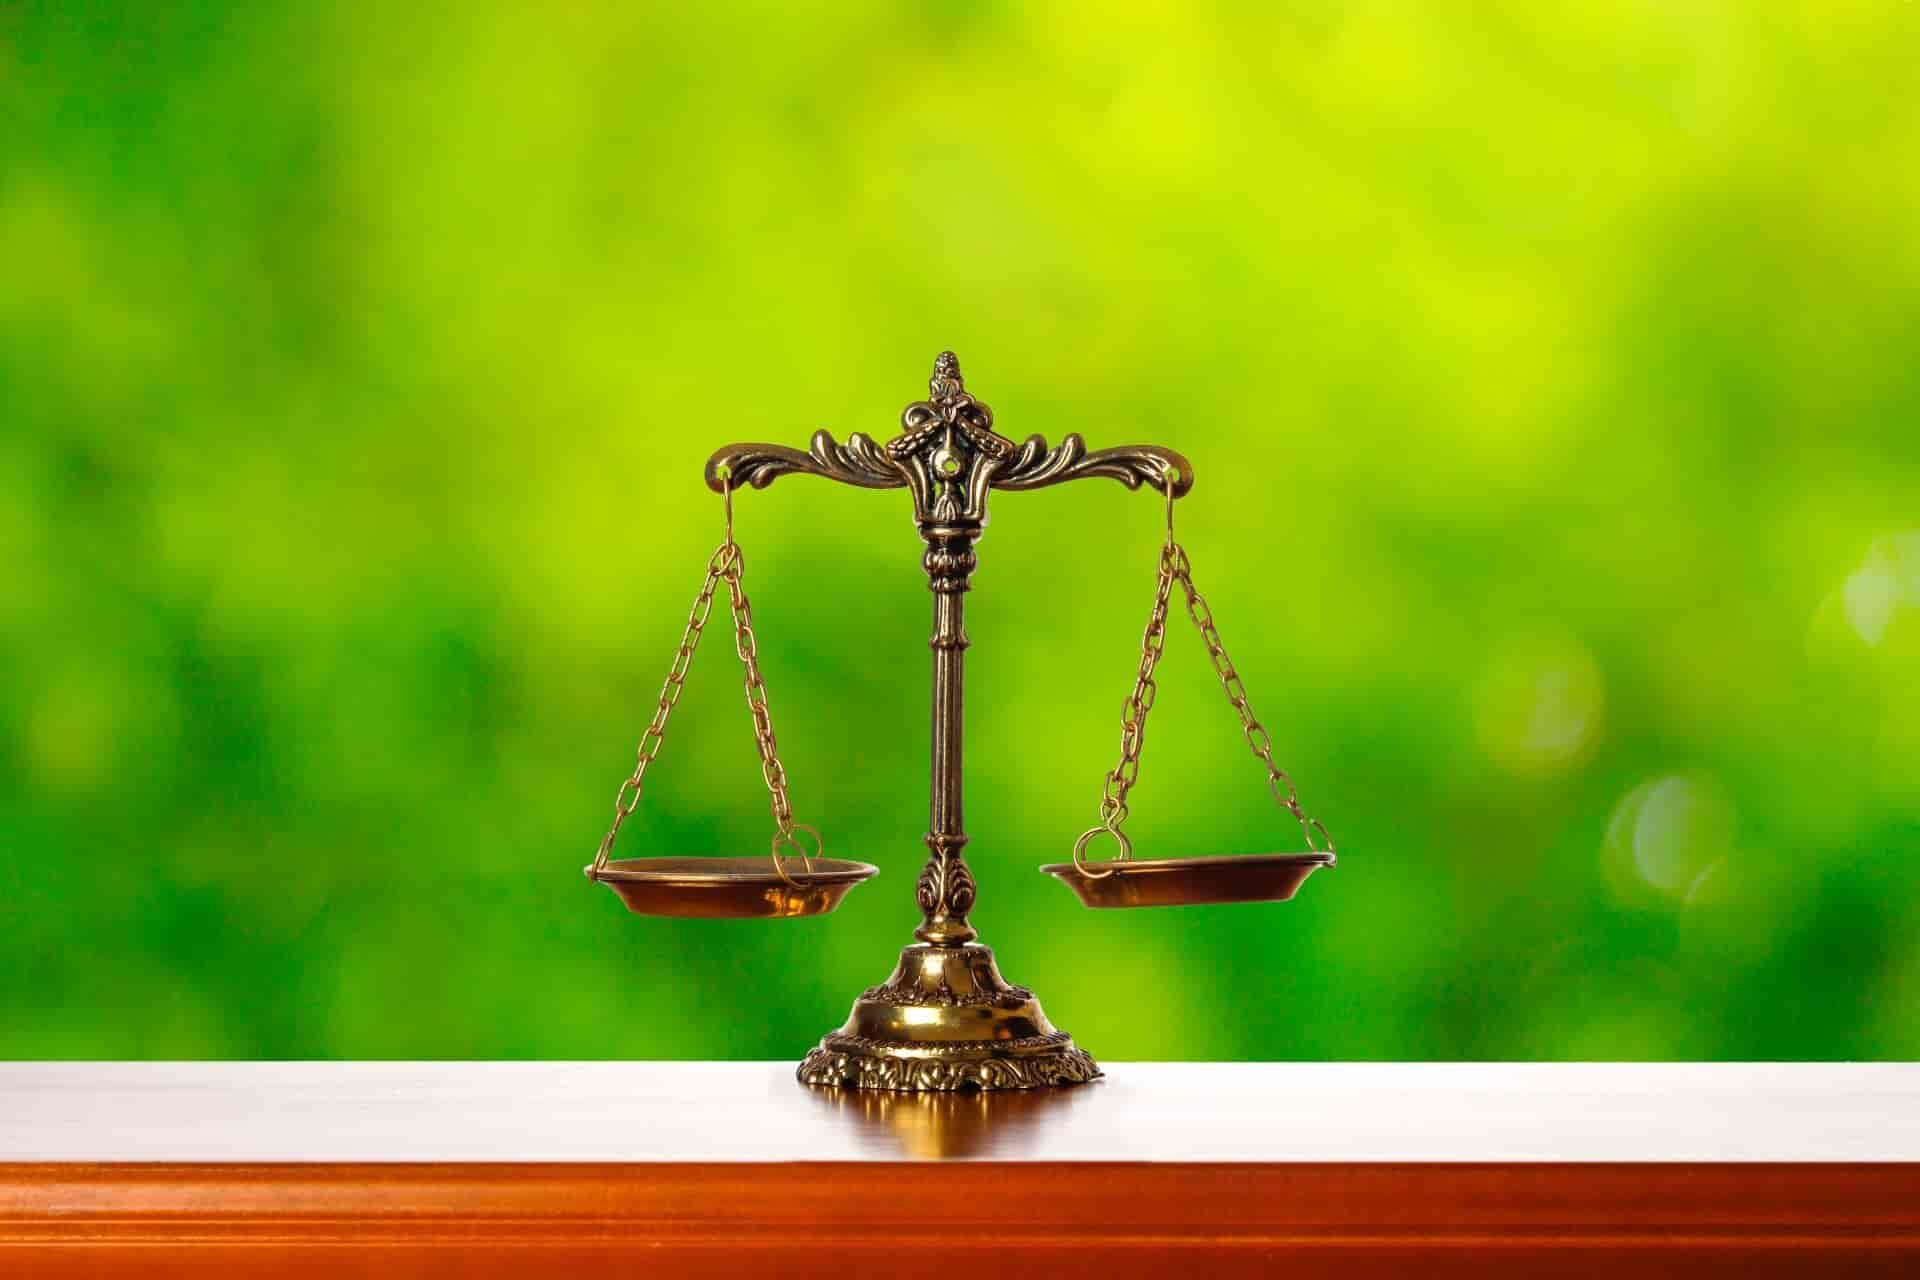 改正ストーカー規制法と改正DV防止法が成立